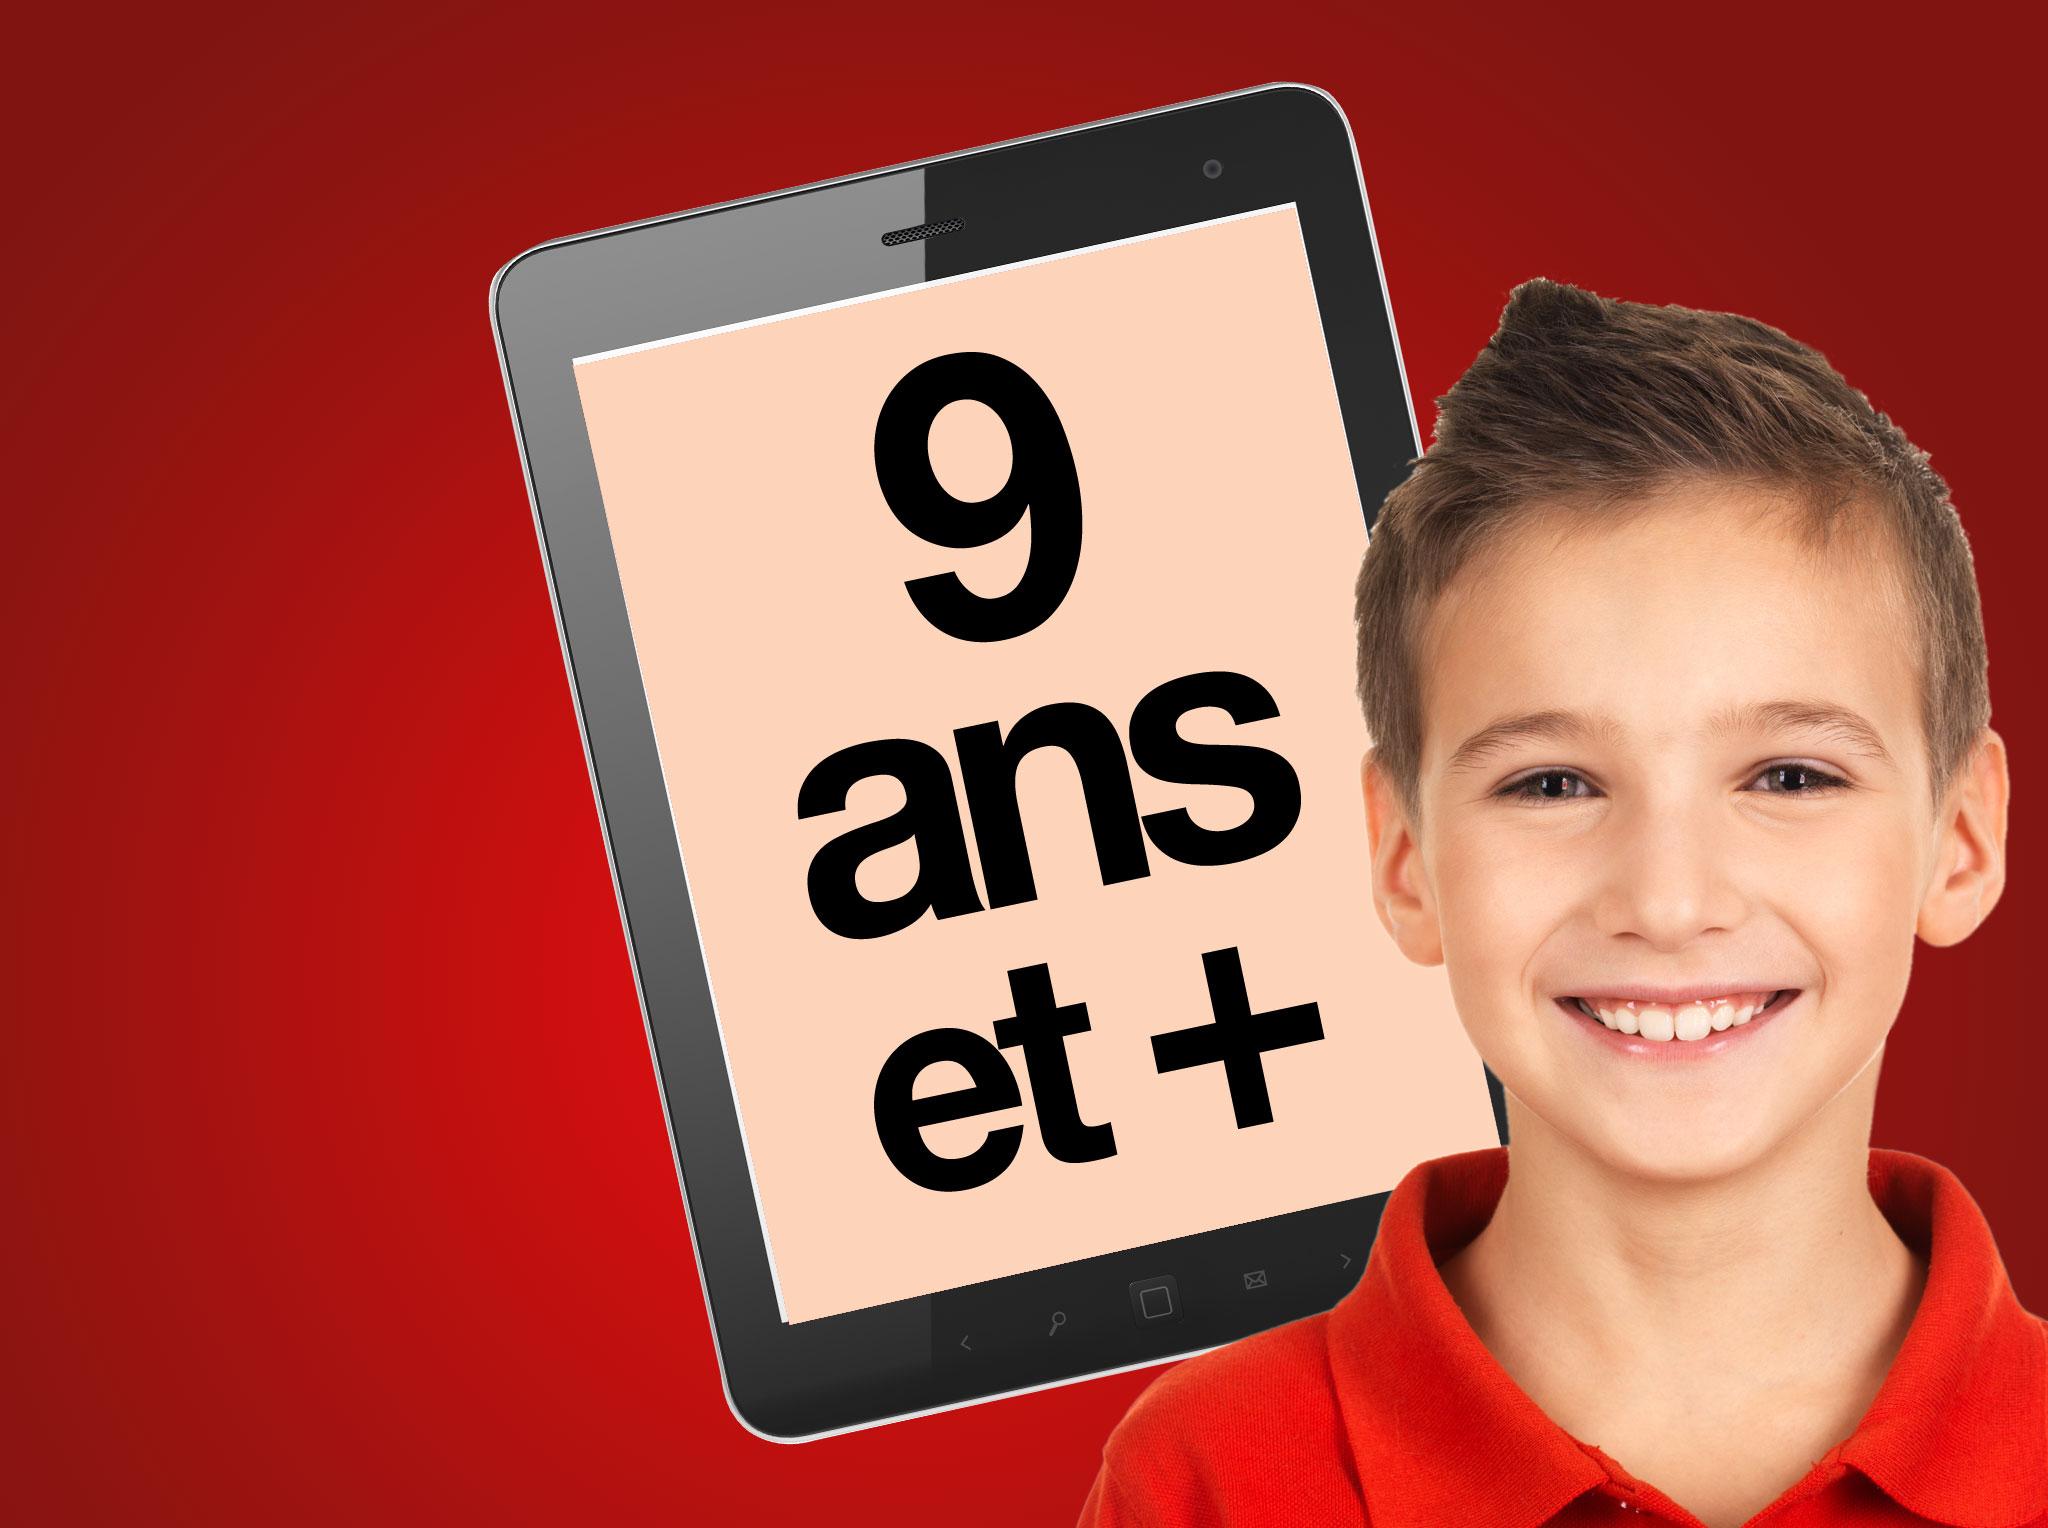 Jeux Sur Tablette: 64 Choix Pour Enfants | Protégez-Vous.ca concernant Jeux En Ligne 8 Ans